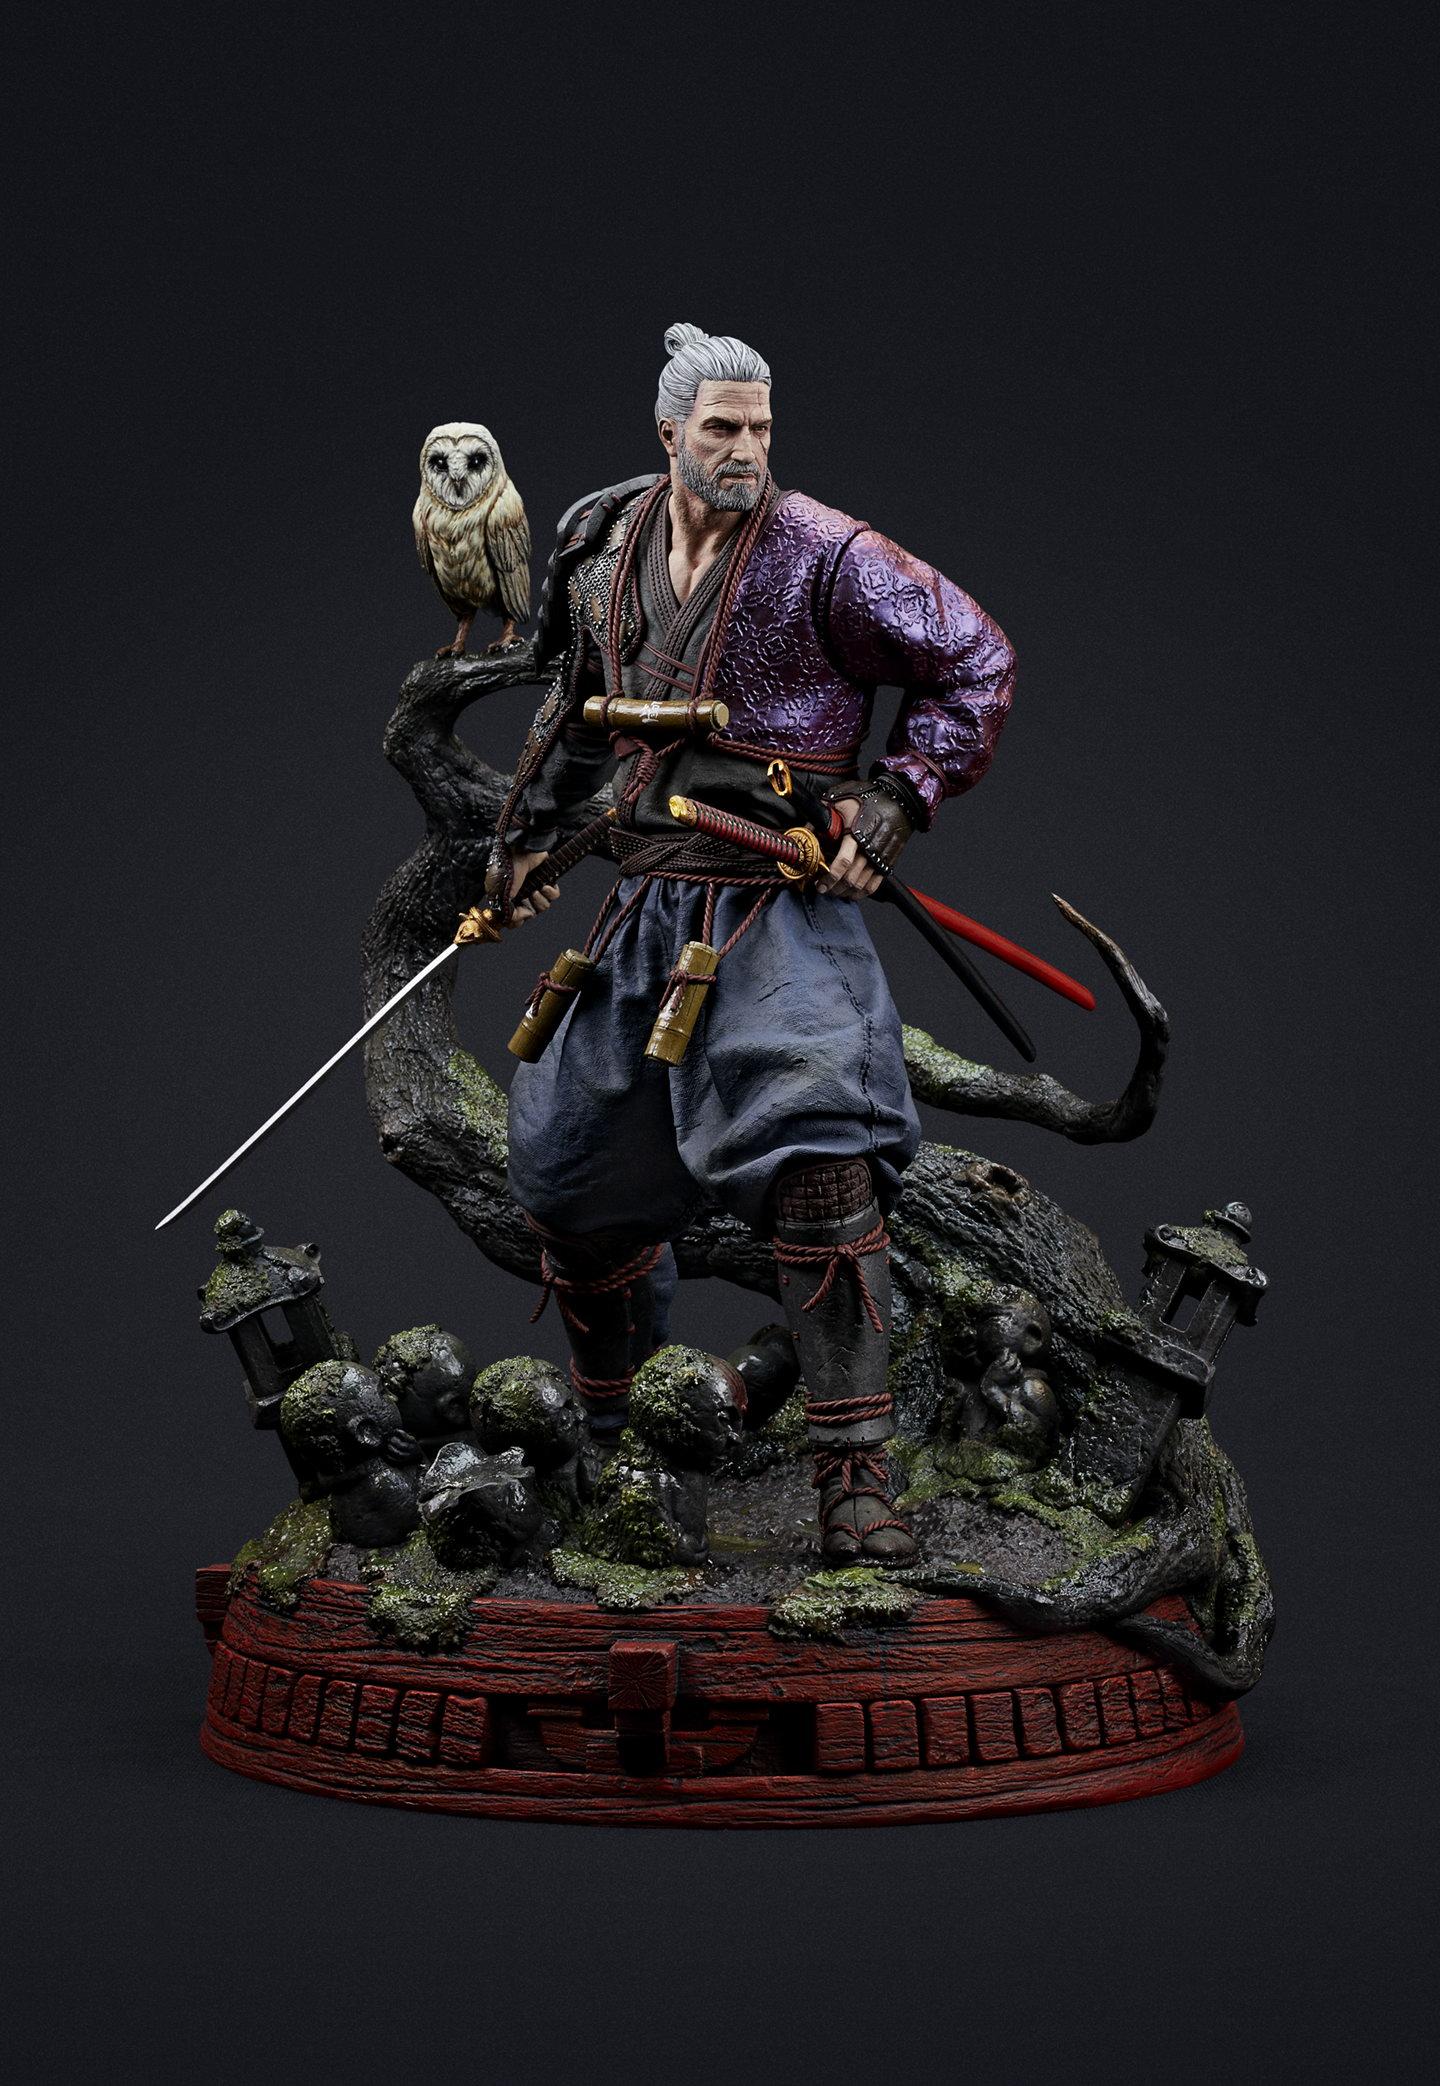 《巫师3》武士风杰洛特手办 欧美与日本文化完美融合